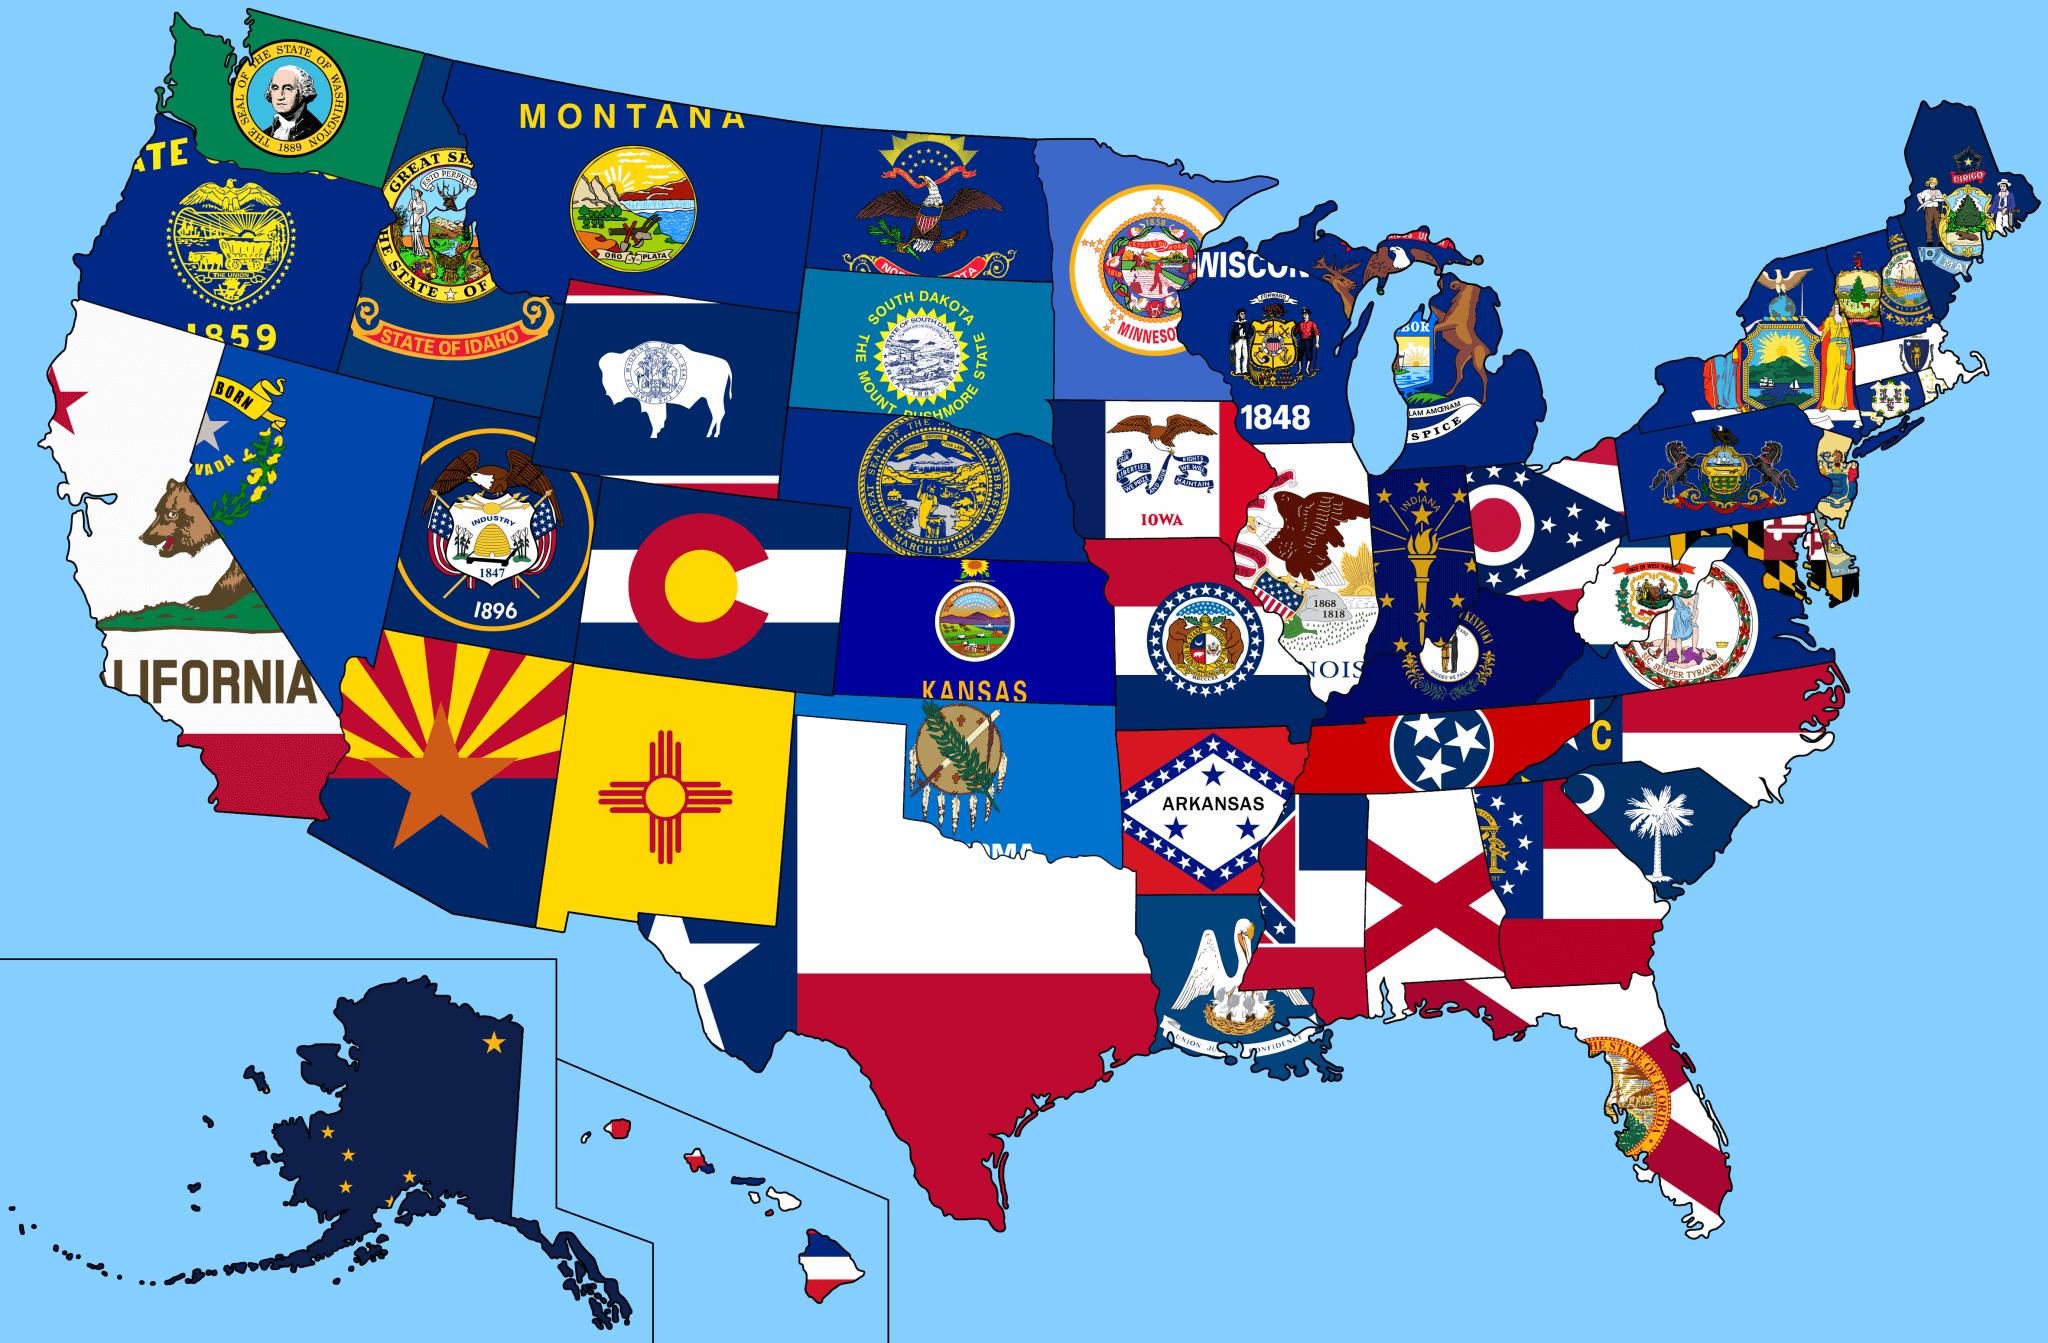 bandeira dos Estados Unidos - Conheça a bandeira dos Estados Unidos